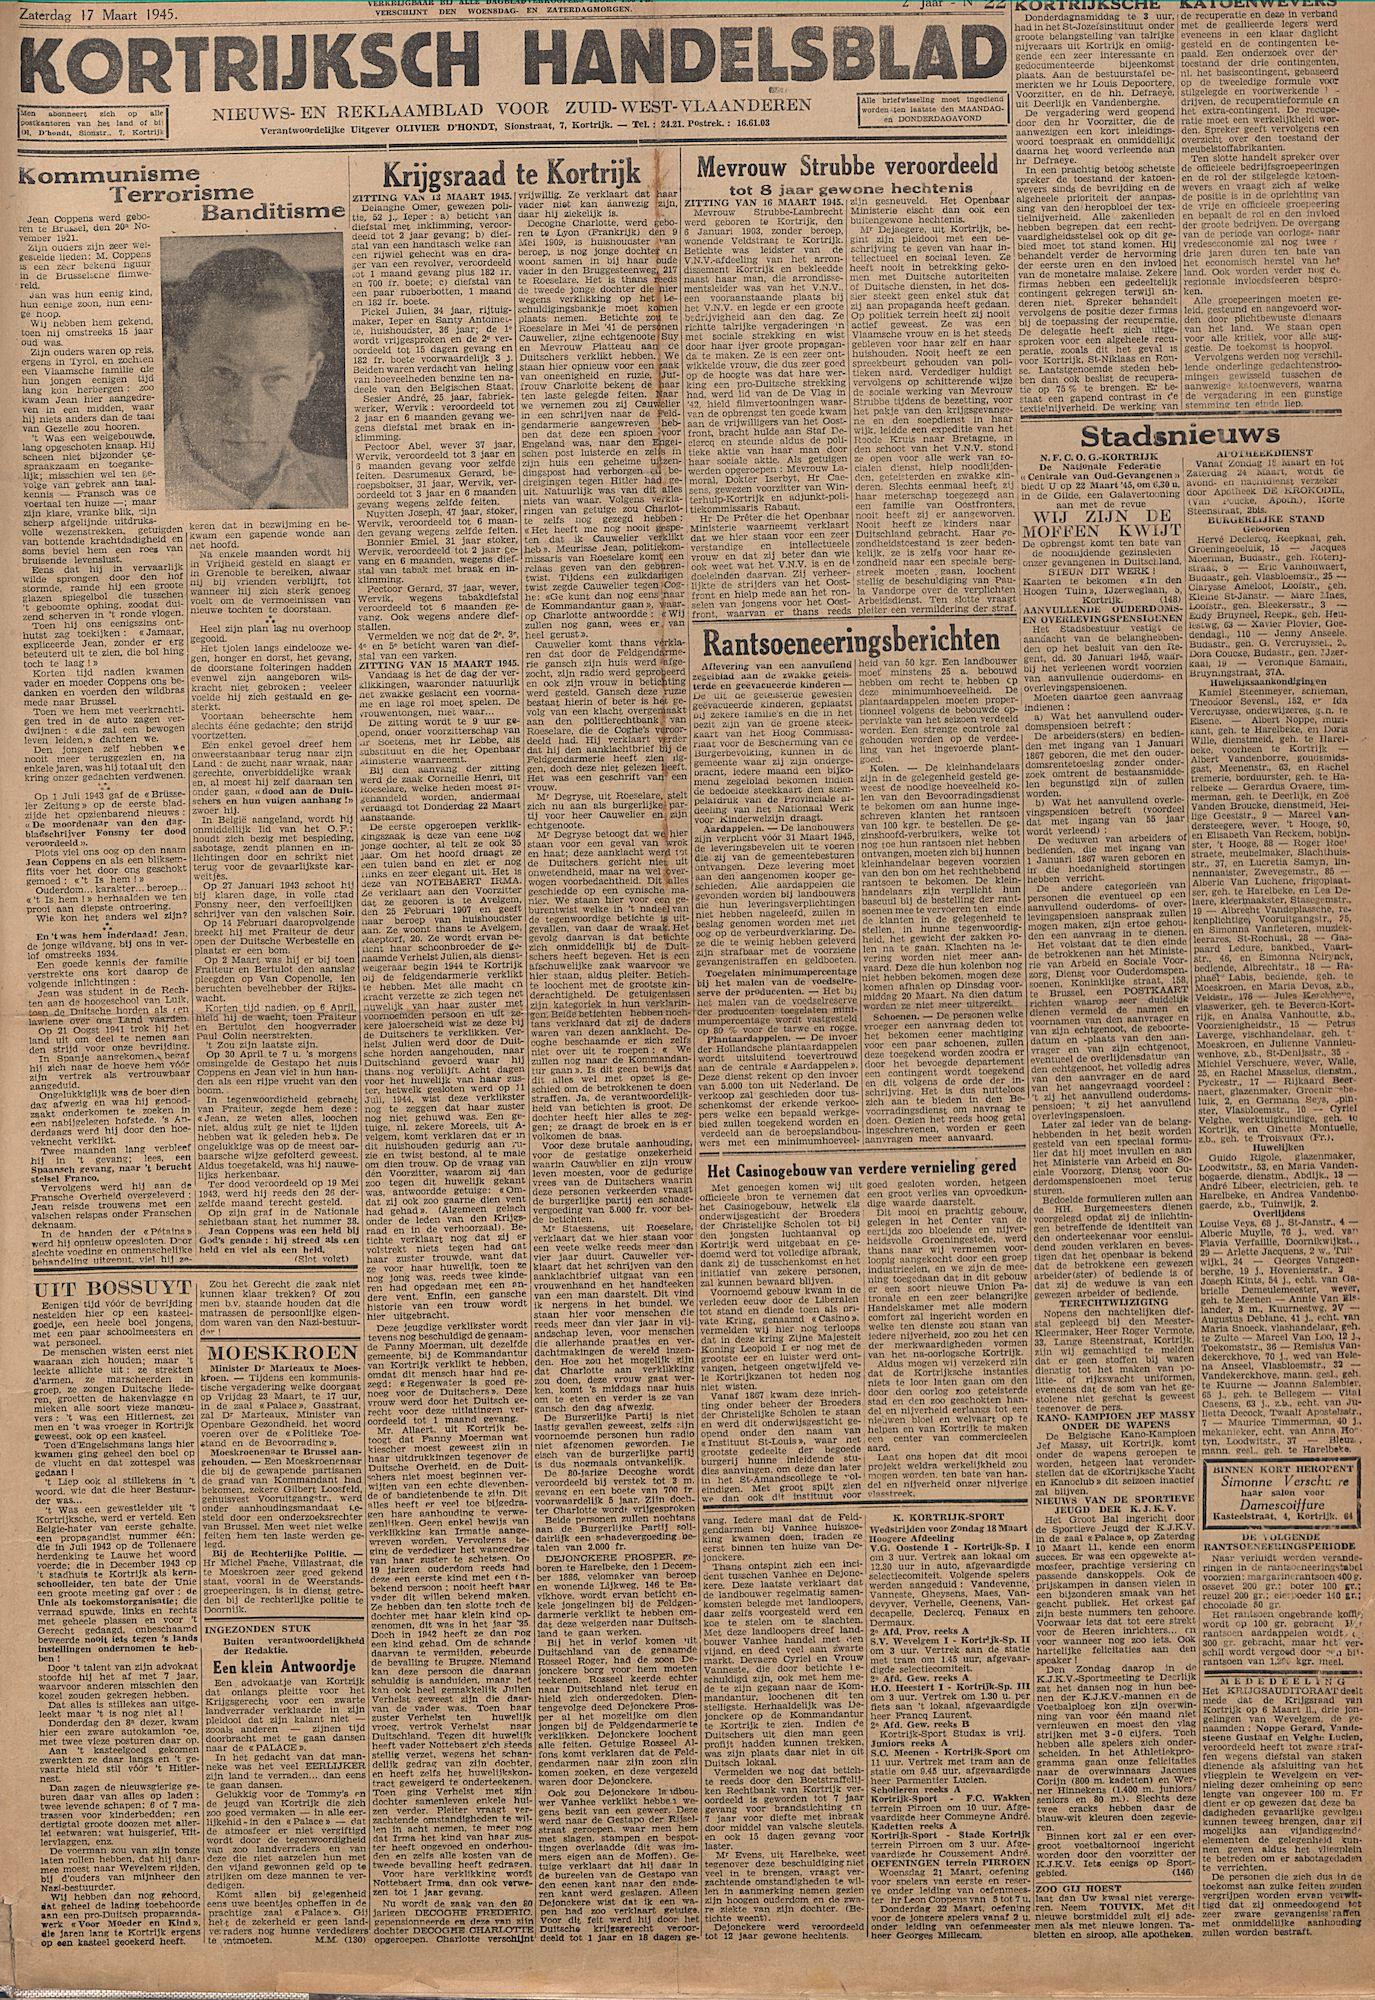 Kortrijksch Handelsblad 17 maart 1945, Nr22 p1